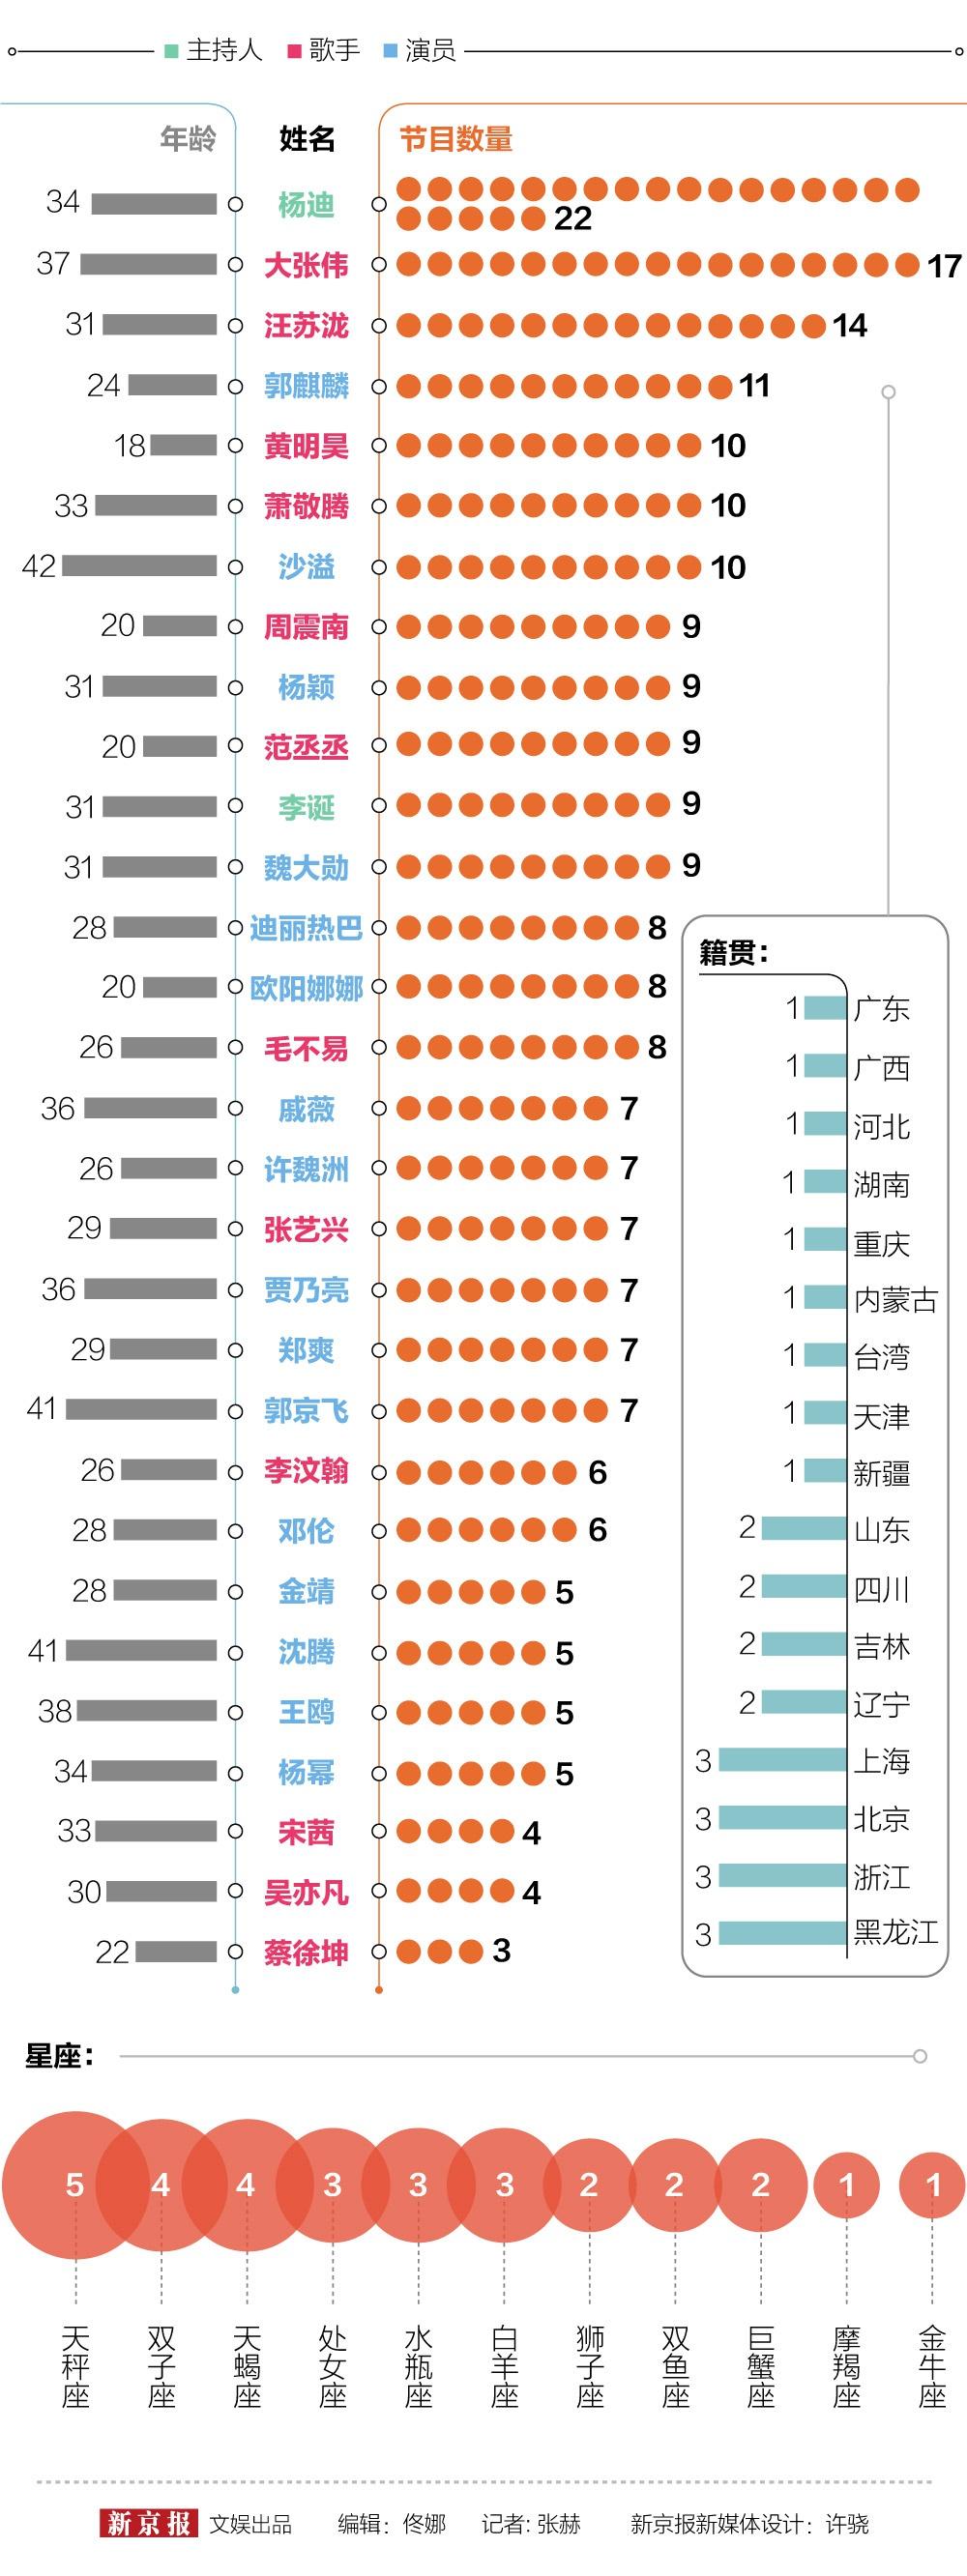 郭麒麟晋升综艺抢手王,黄明昊周震南等流量大热丨图数馆图片